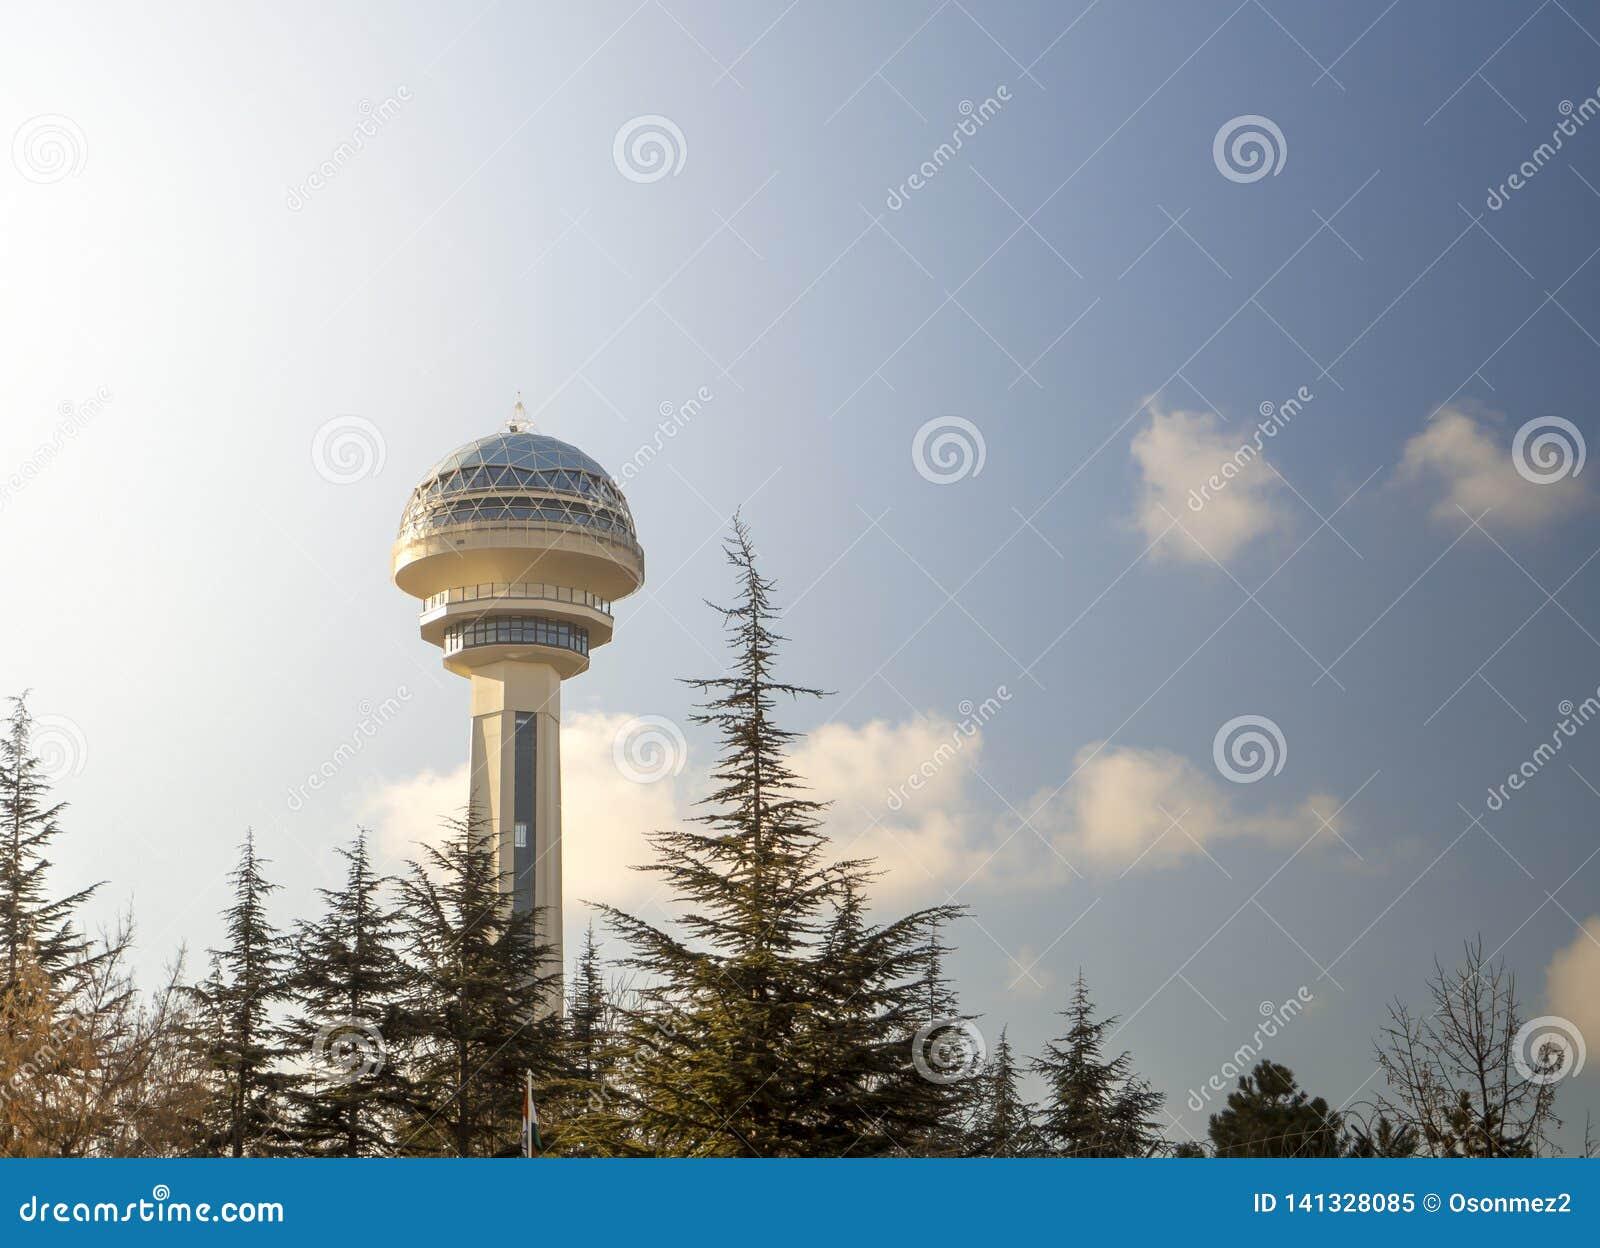 """Πρωτεύουσα """"atakule """"ουρανοξύστης της Τουρκίας Άγκυρα οι ουρανοξύστες έχουν γίνει ένα σύμβολο του κεφαλαίου της Τουρκίας"""